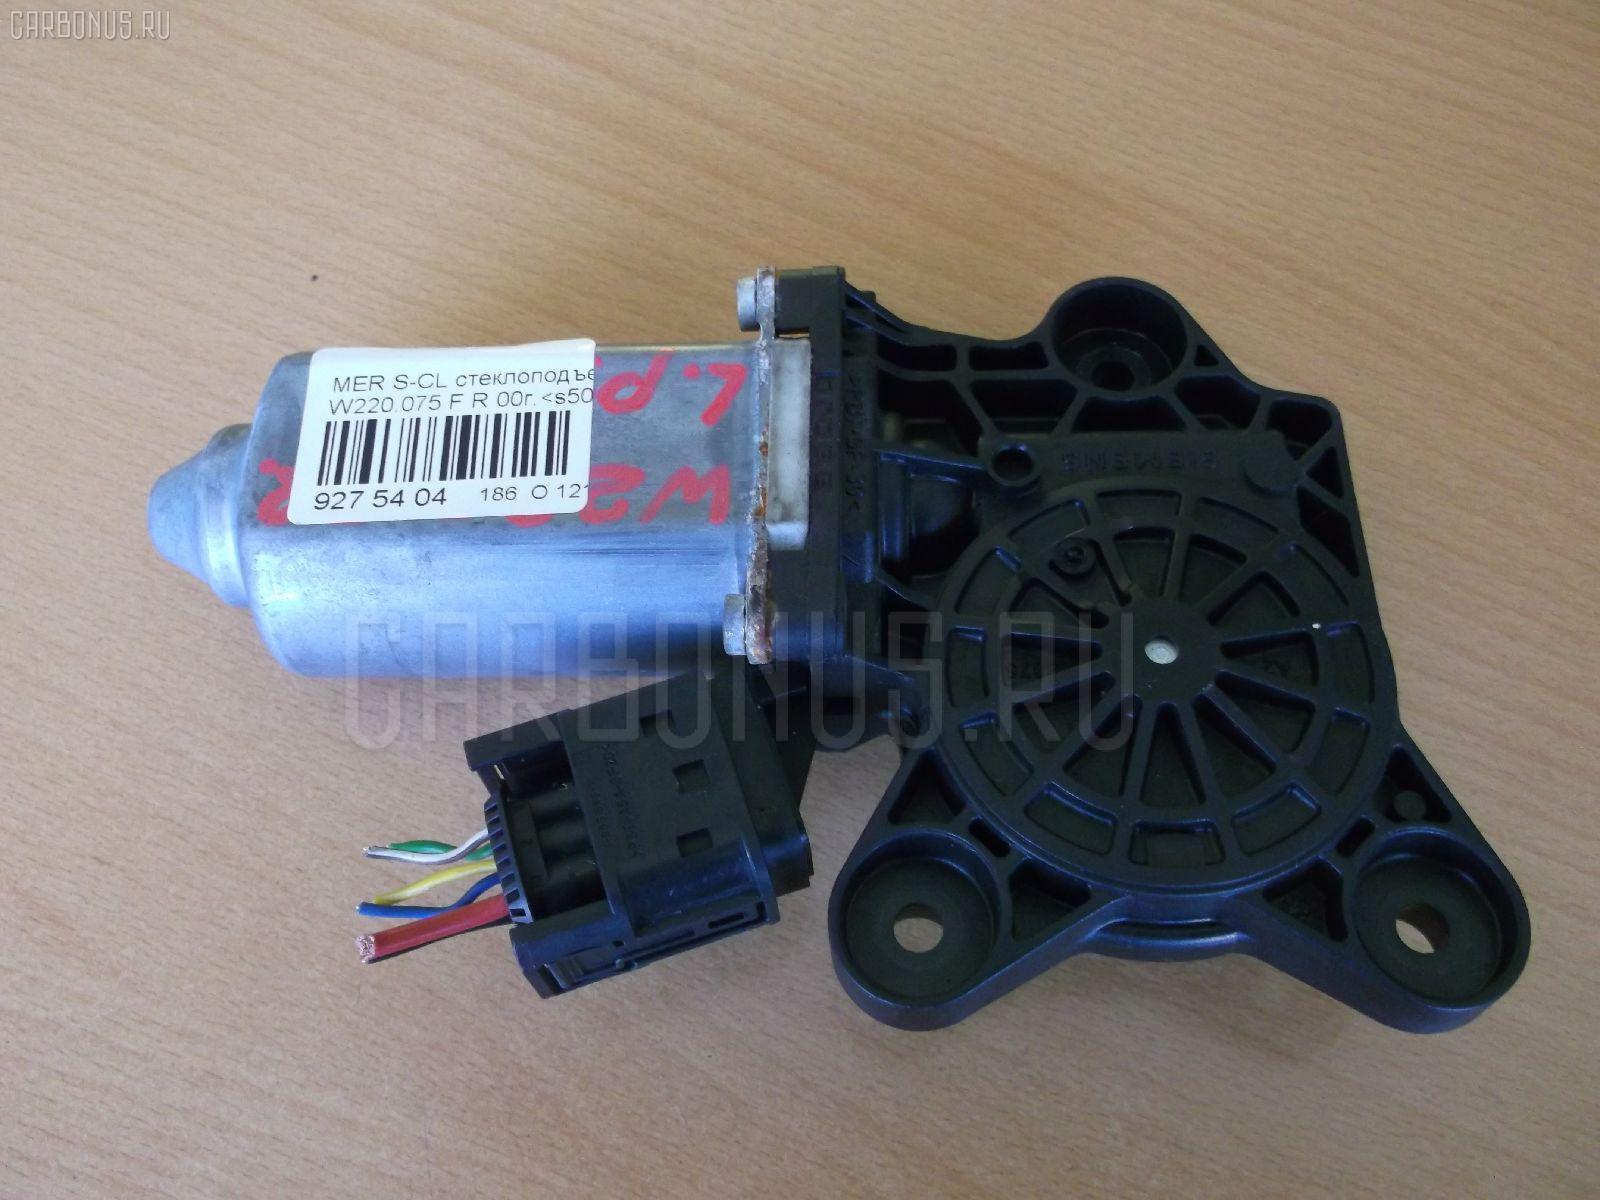 Стеклоподъемный механизм WDB2200751A140990 A2208205442 на Mercedes-Benz S-Class W220.075 Фото 1